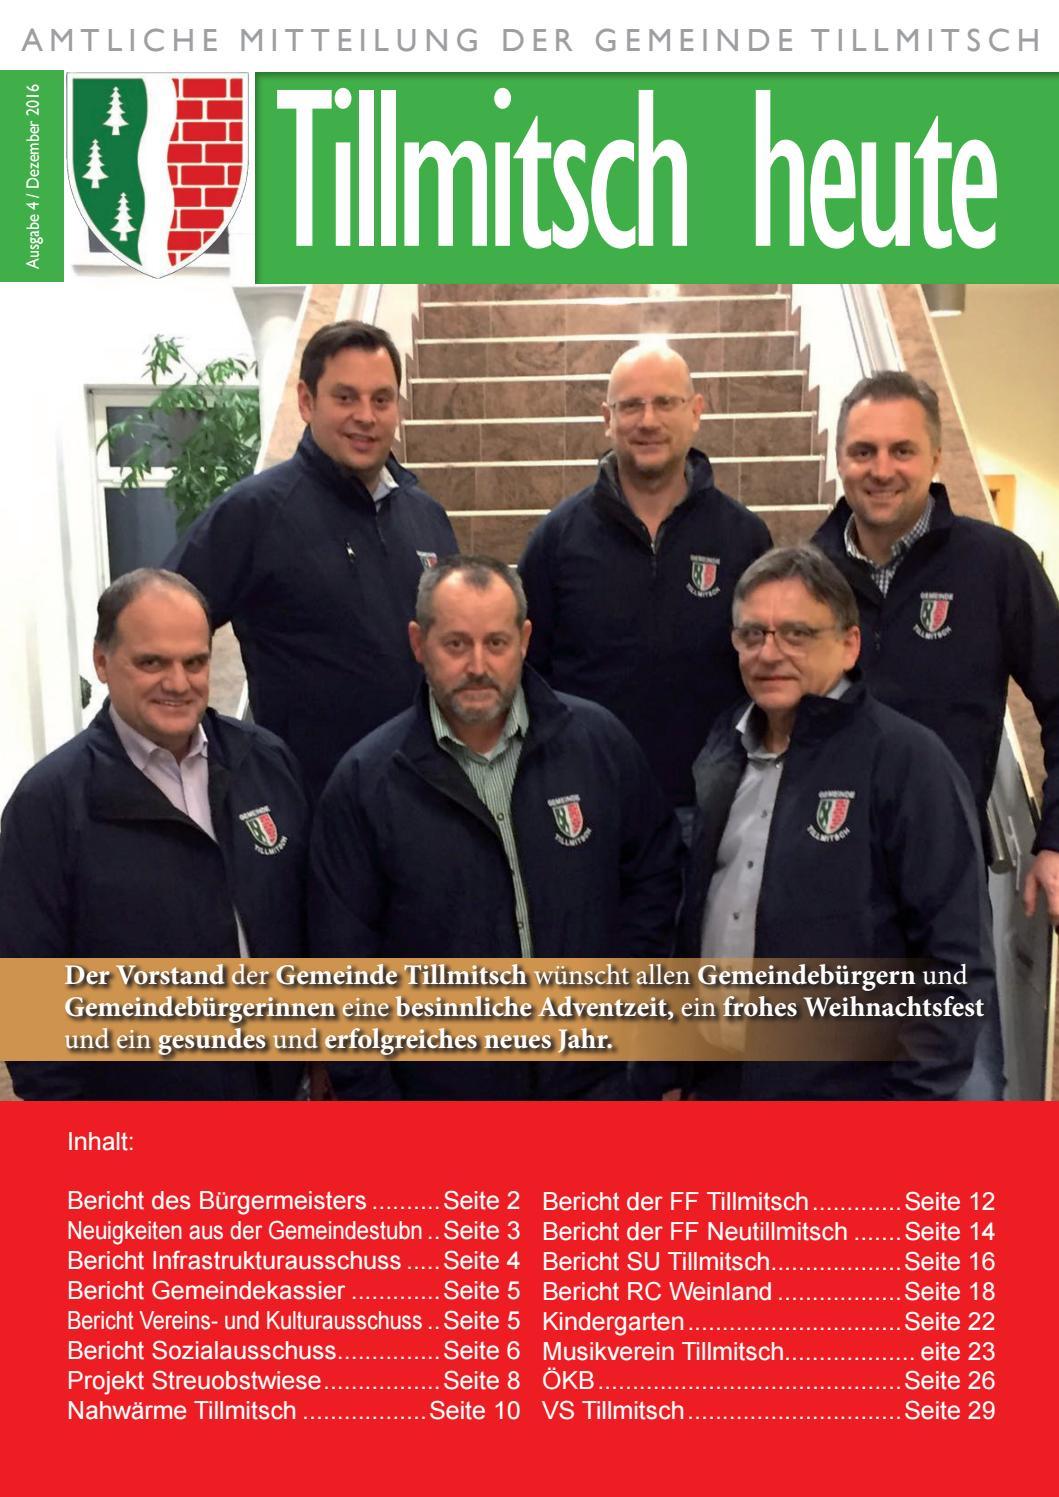 Gemeindezeitung Tillmitsch September 2016 by Ren Dretnik